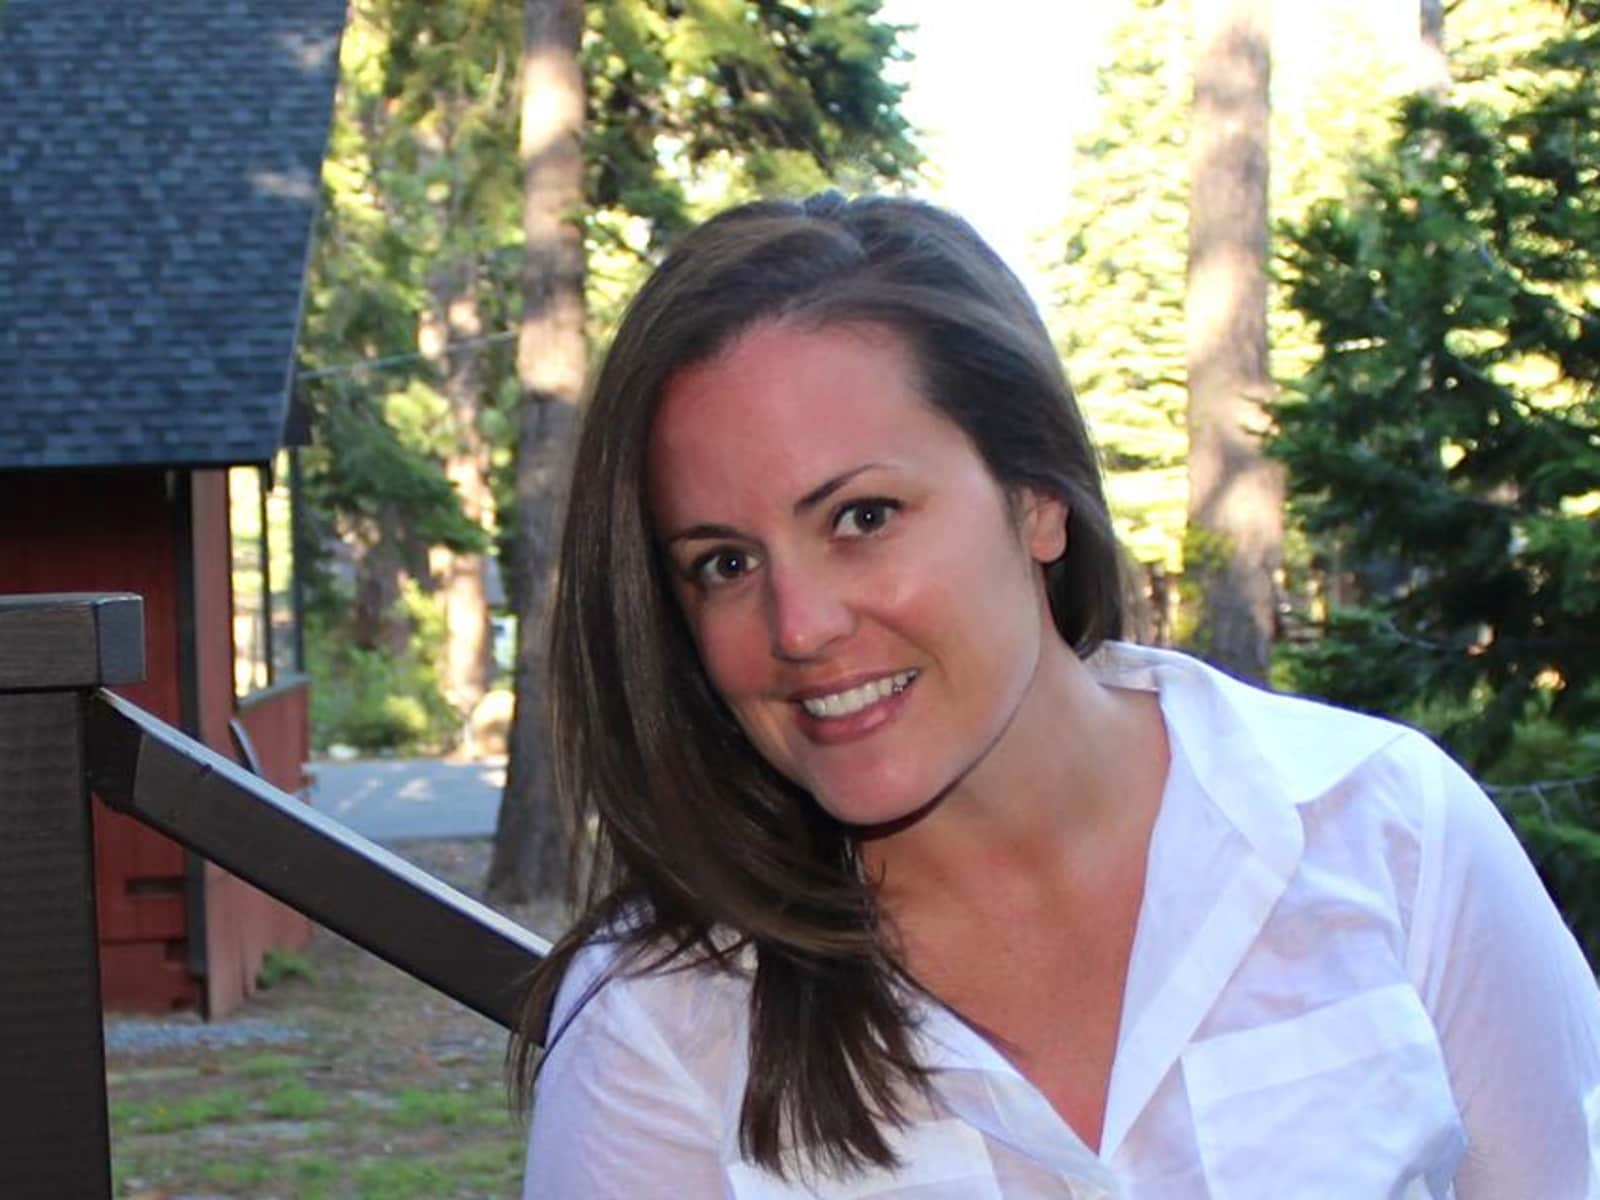 Stacy from Leavenworth, Washington, United States